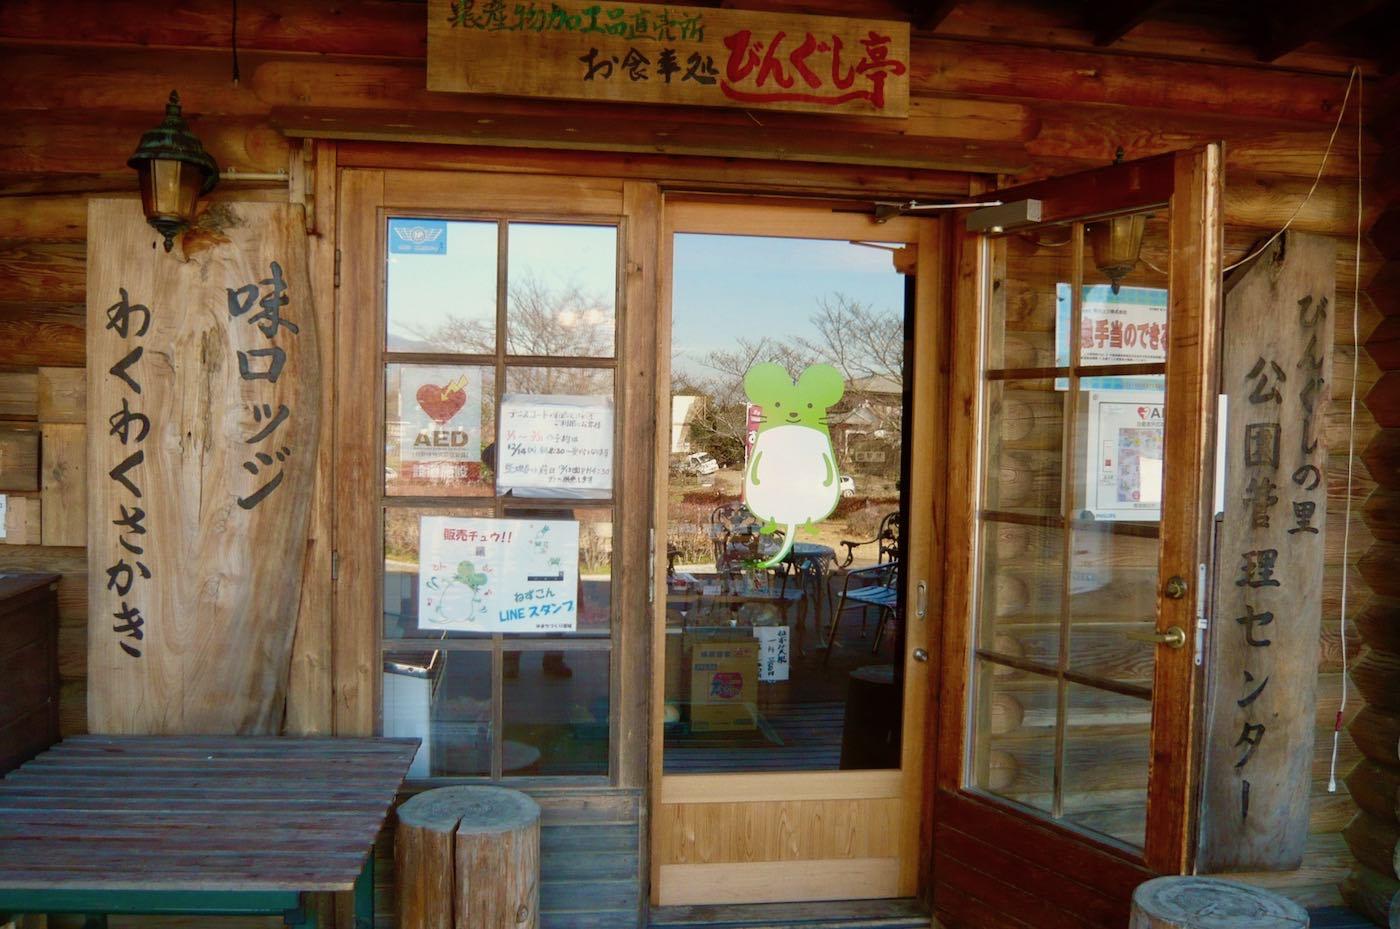 坂城町うどん蕎麦お食事処びんぐし亭